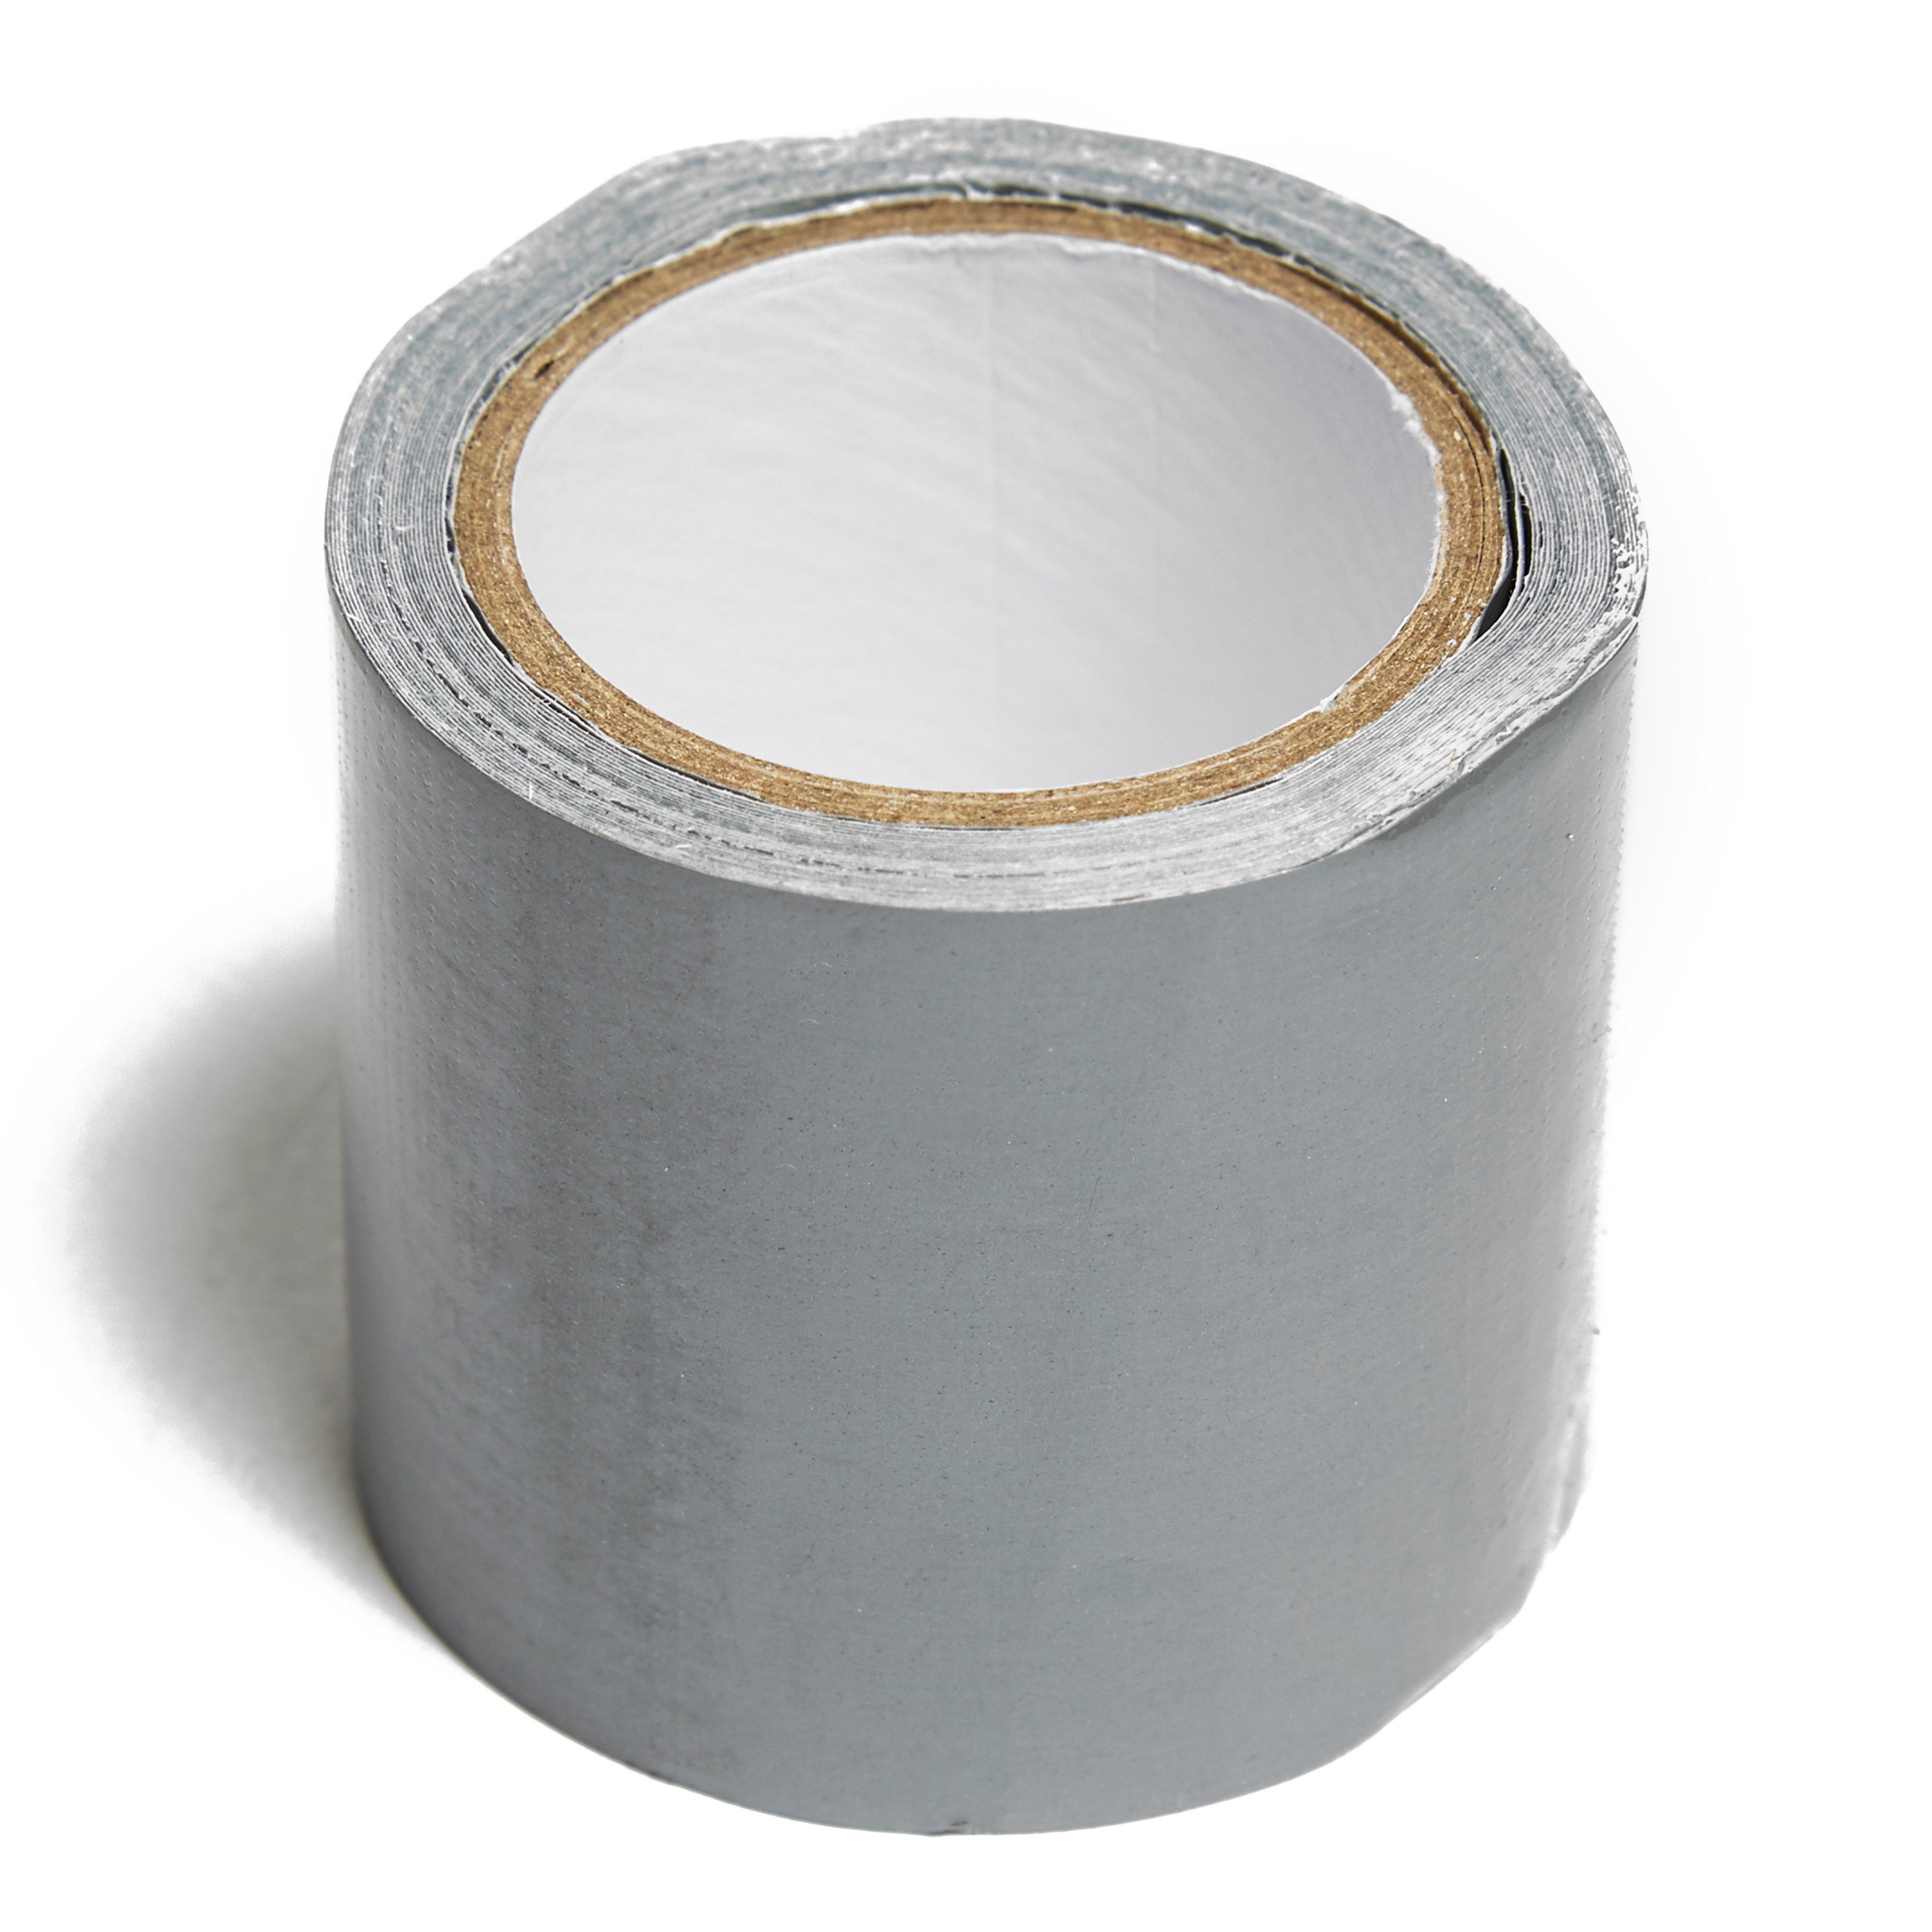 Arandela de Goma 180PCS iMiMi para talleres personales y Profesionales garajes y Servicios de fontaner/ía Kit Surtido de 180 Arandelas de Goma para Conductores el/éctricos